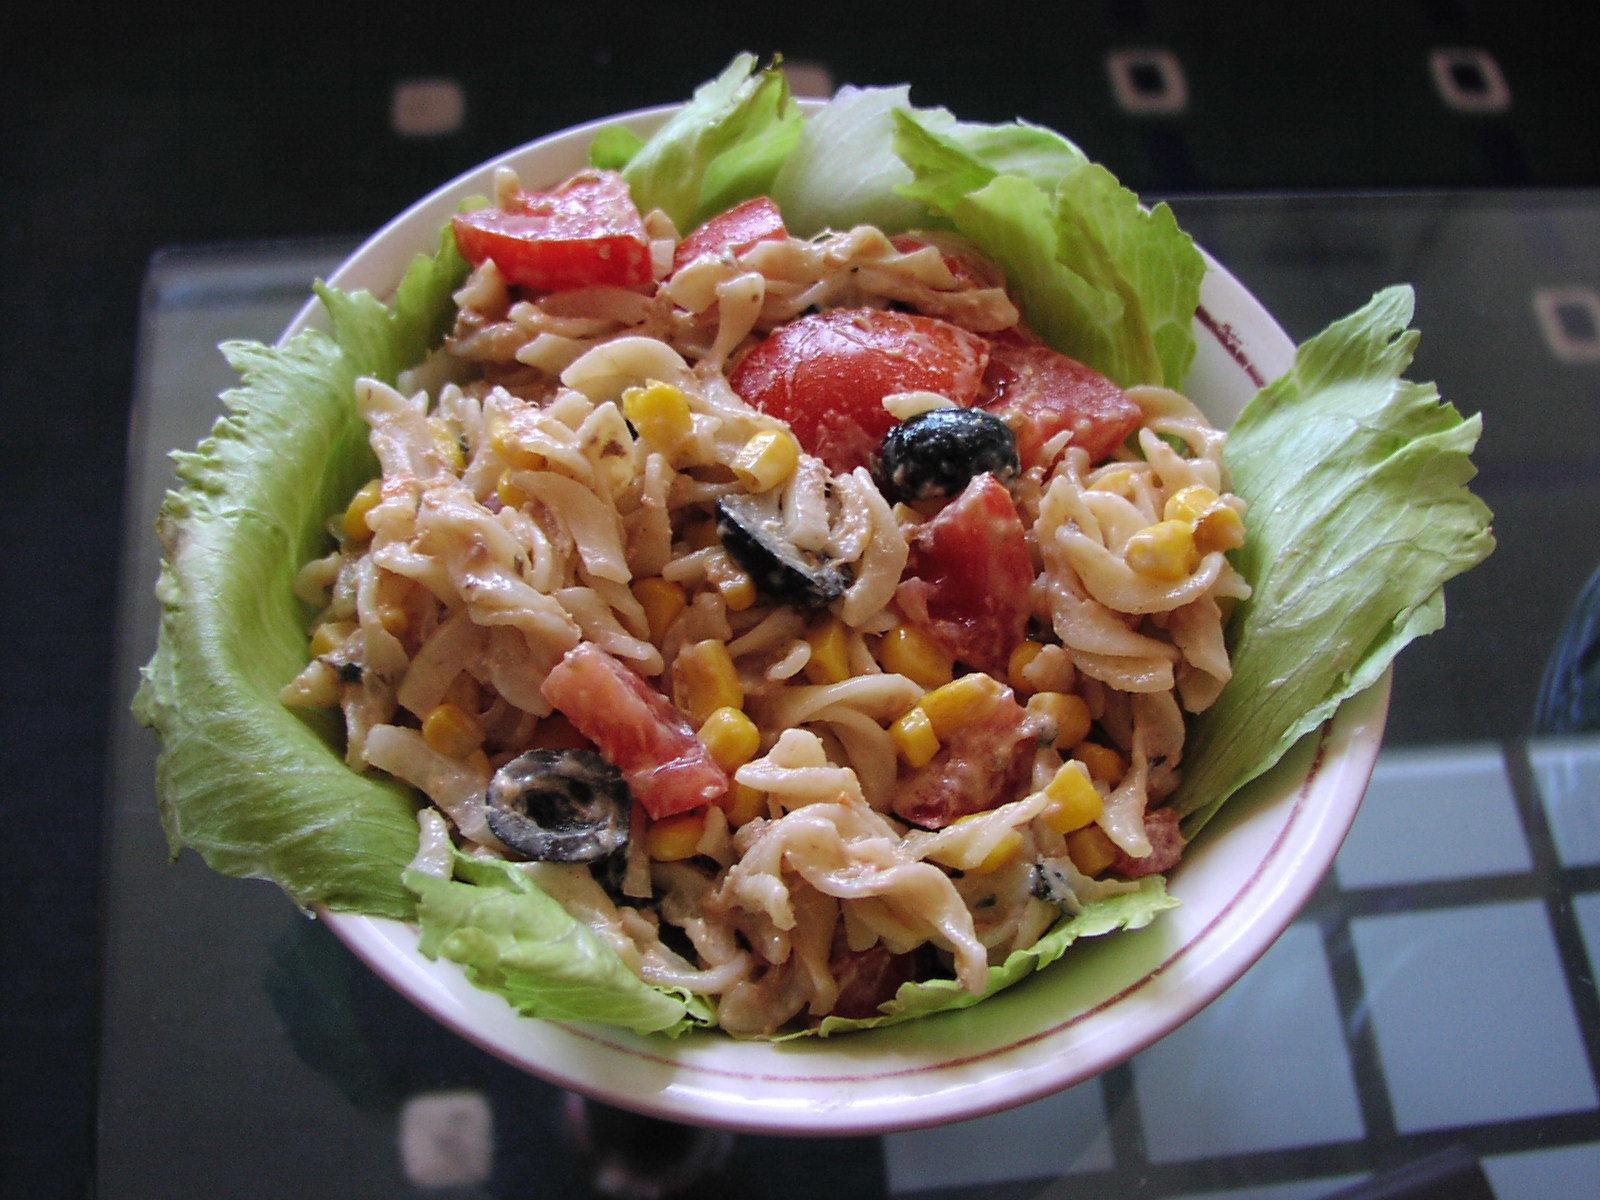 Těstovinový salát s kousky tuňáka a zeleninou